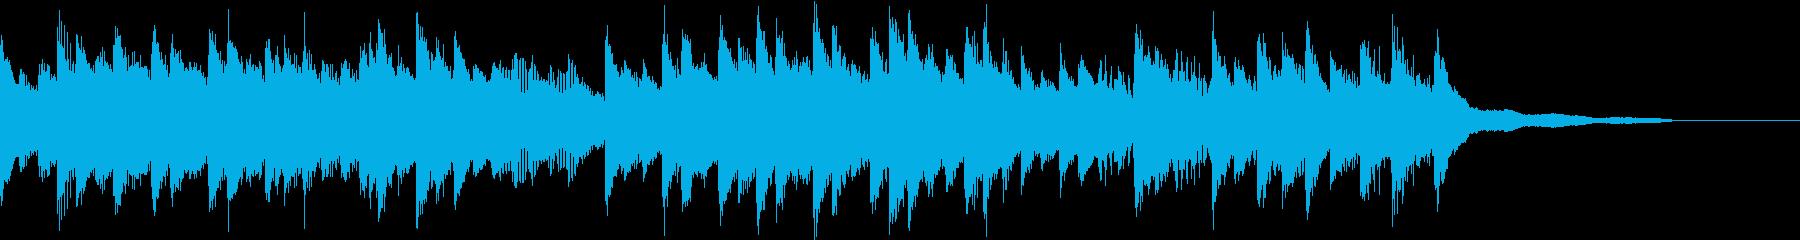 フォークで懐かしい雰囲気のピアノジングルの再生済みの波形